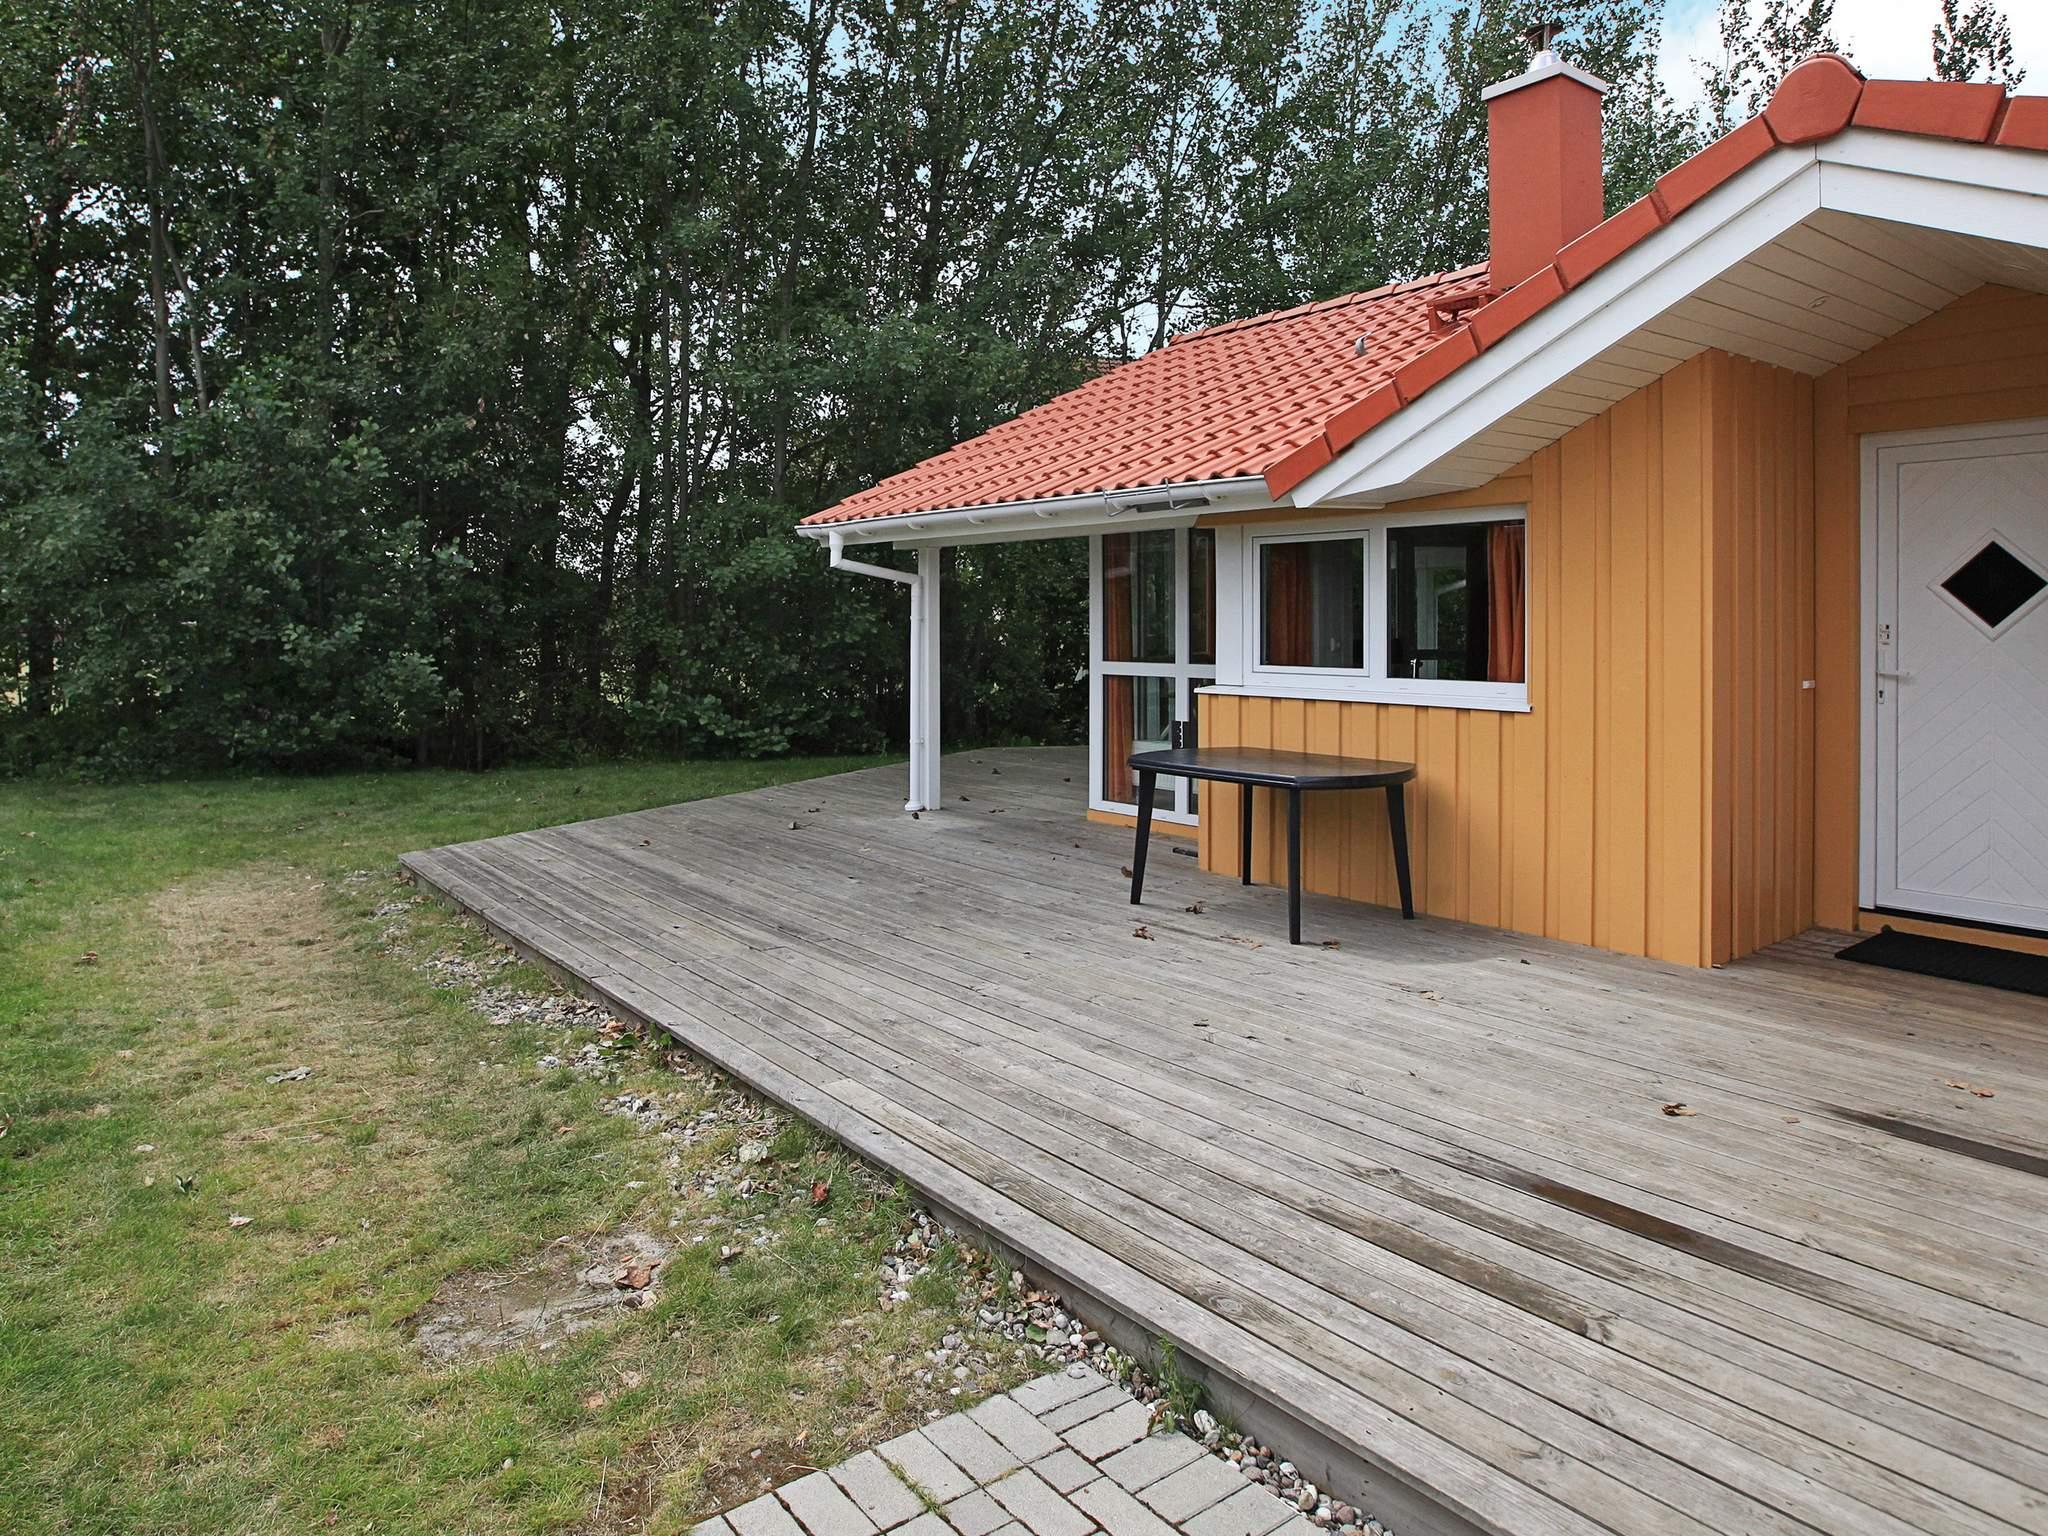 Maison de vacances Grömitz (456406), Grömitz, Baie de Lübeck, Schleswig-Holstein, Allemagne, image 9